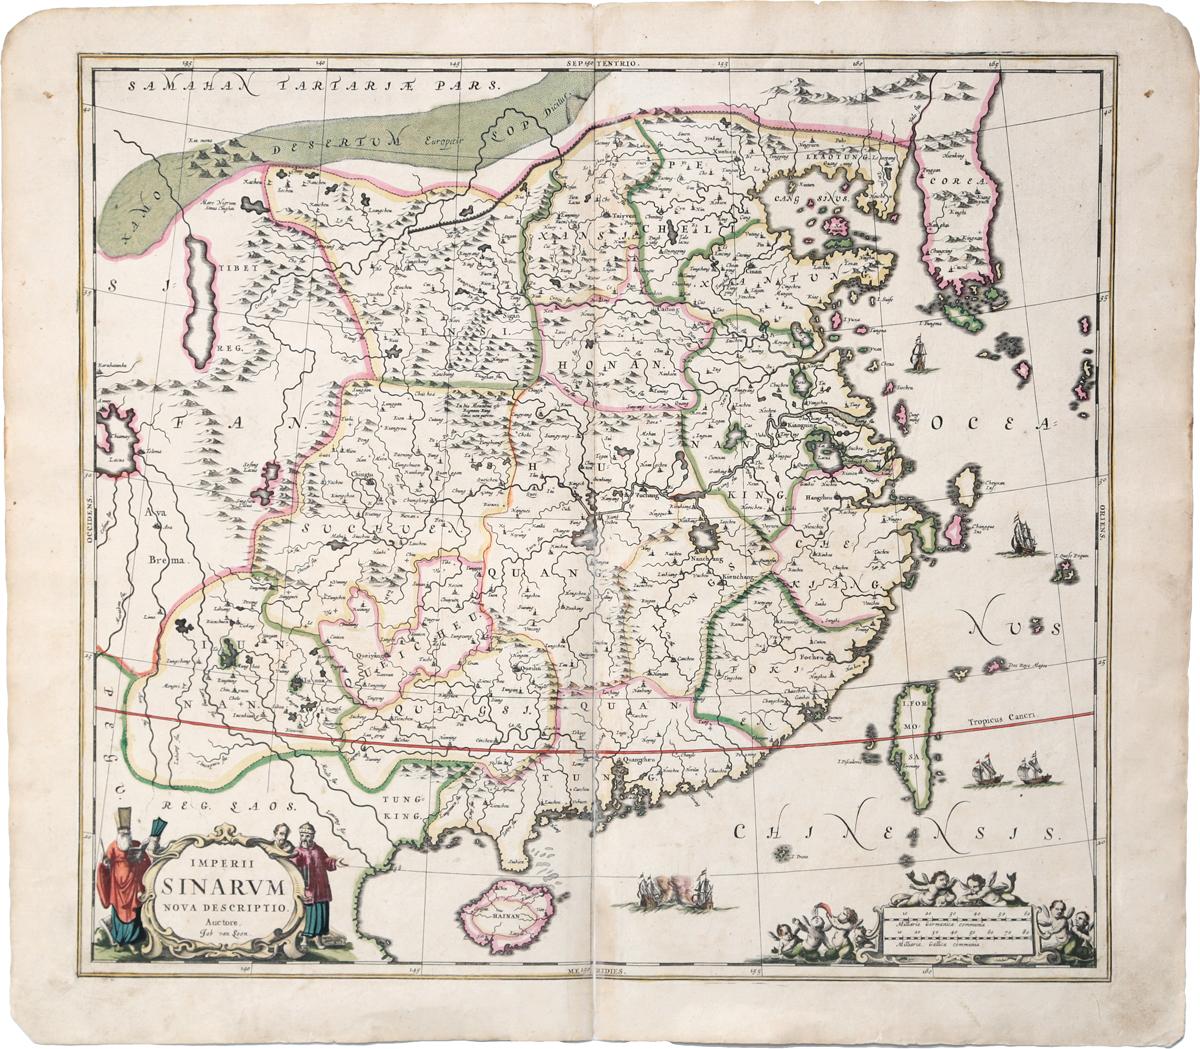 Географическая карта Китая Imperii Sinarum nova descriptio. Гравюра, ручная раскраска. Западная Европа, вторая половина XVII века